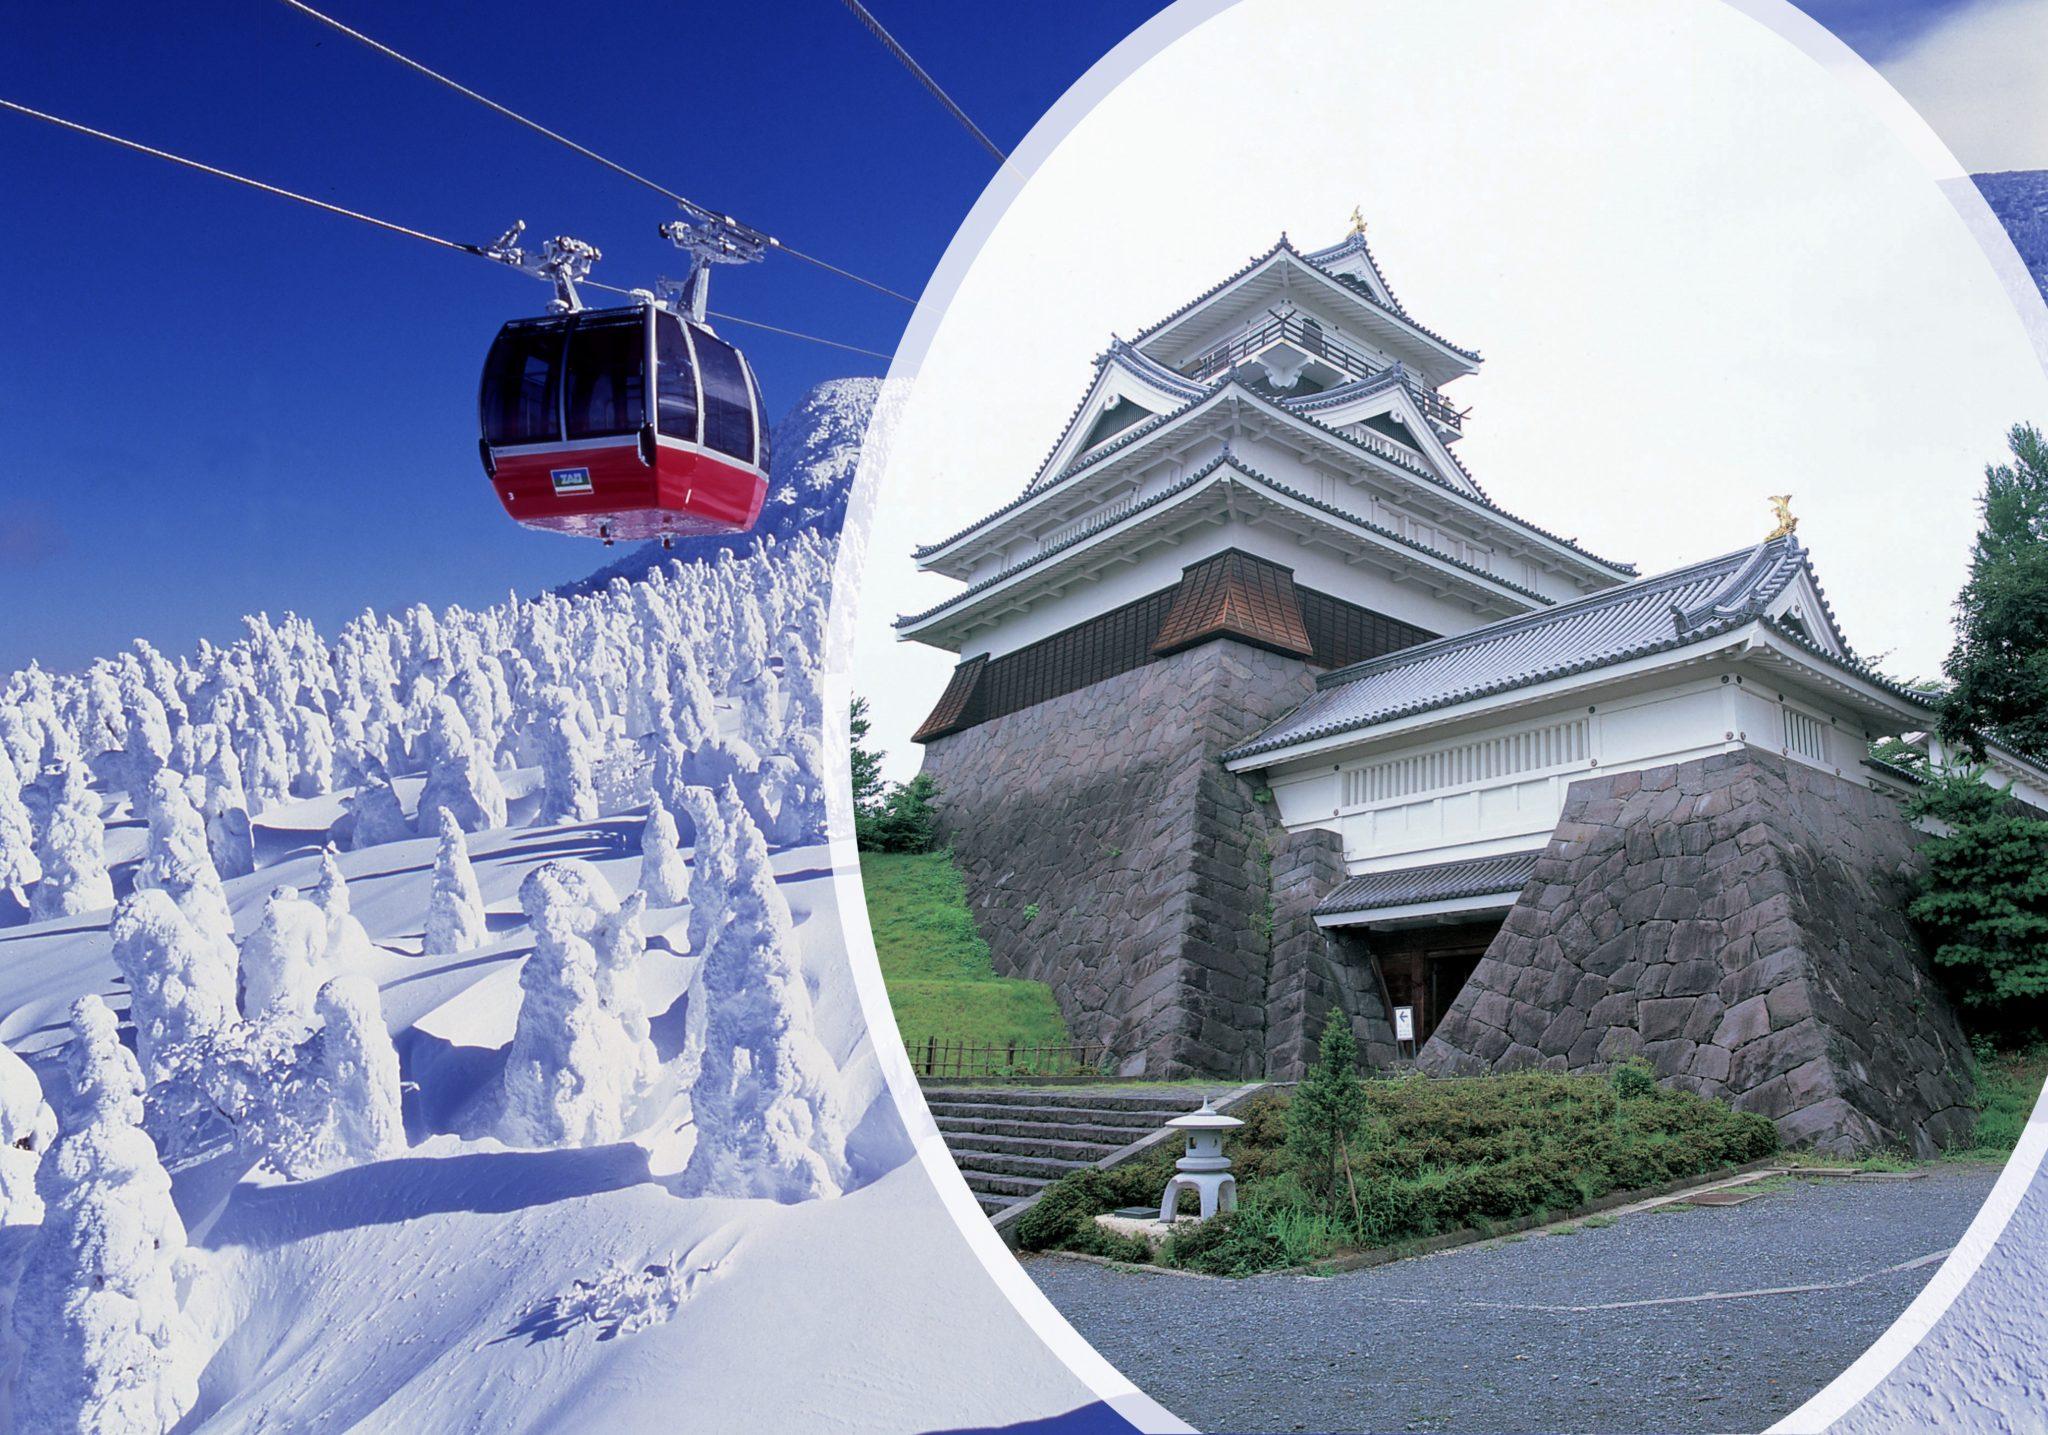 【直行便】かみのやま温泉と蔵王温泉を結ぶお得なチケットとオススメ観光プラン!